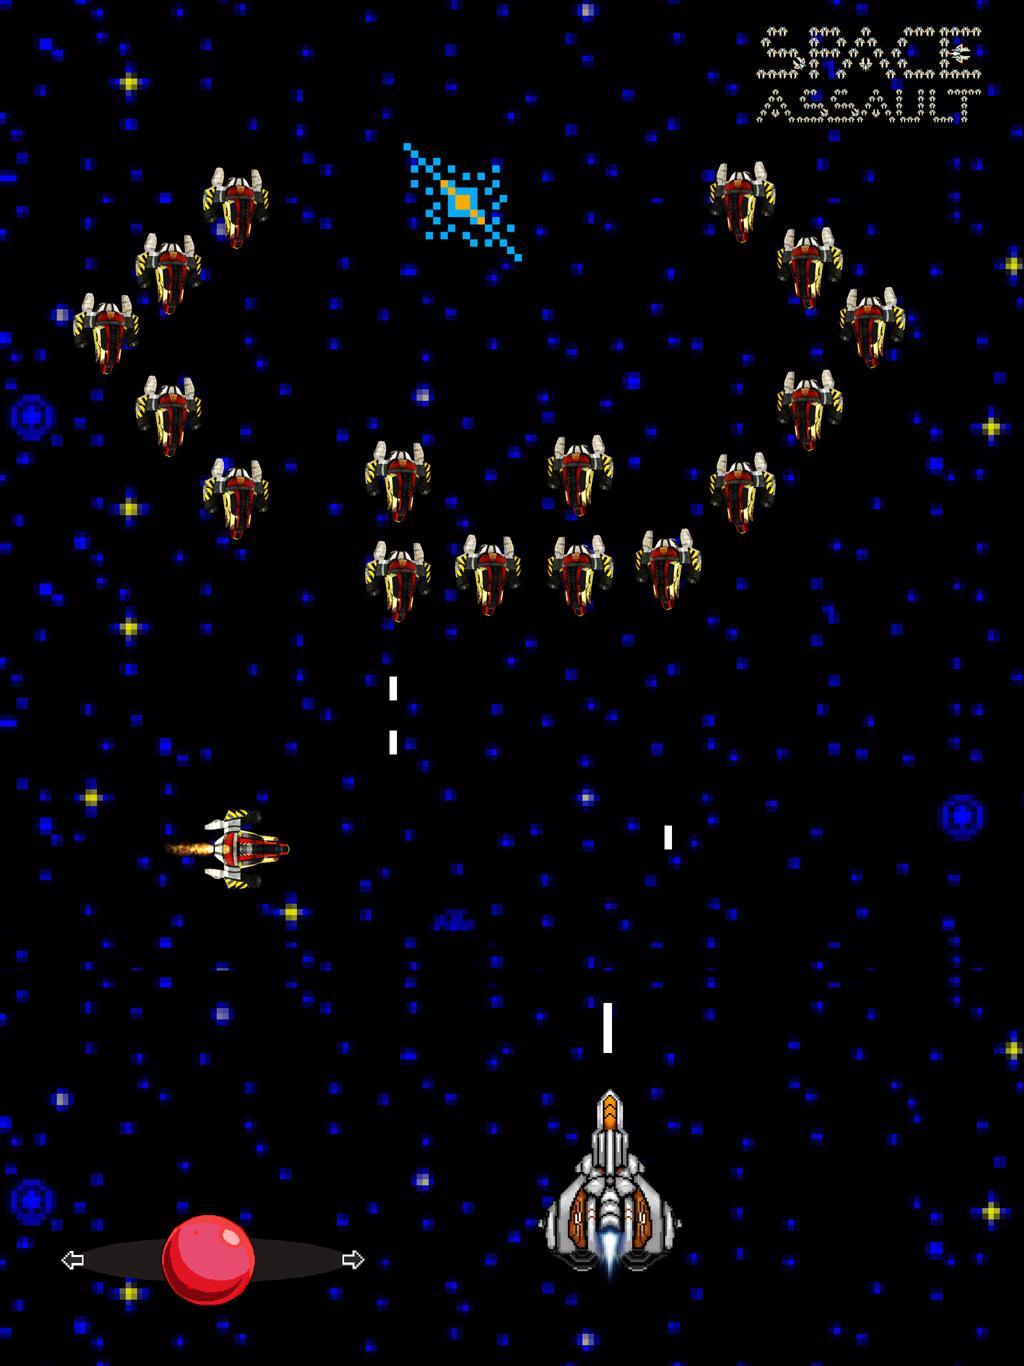 Space Assault: Space shooter 2 تصوير الشاشة